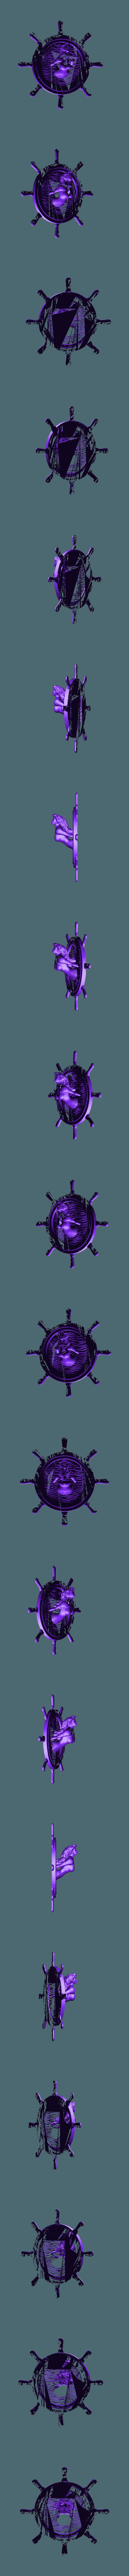 Mermaid_SteeringWheel.stl Télécharger fichier STL gratuit Le support mural de la sirène • Modèle pour imprimante 3D, Double_Alfa_3D